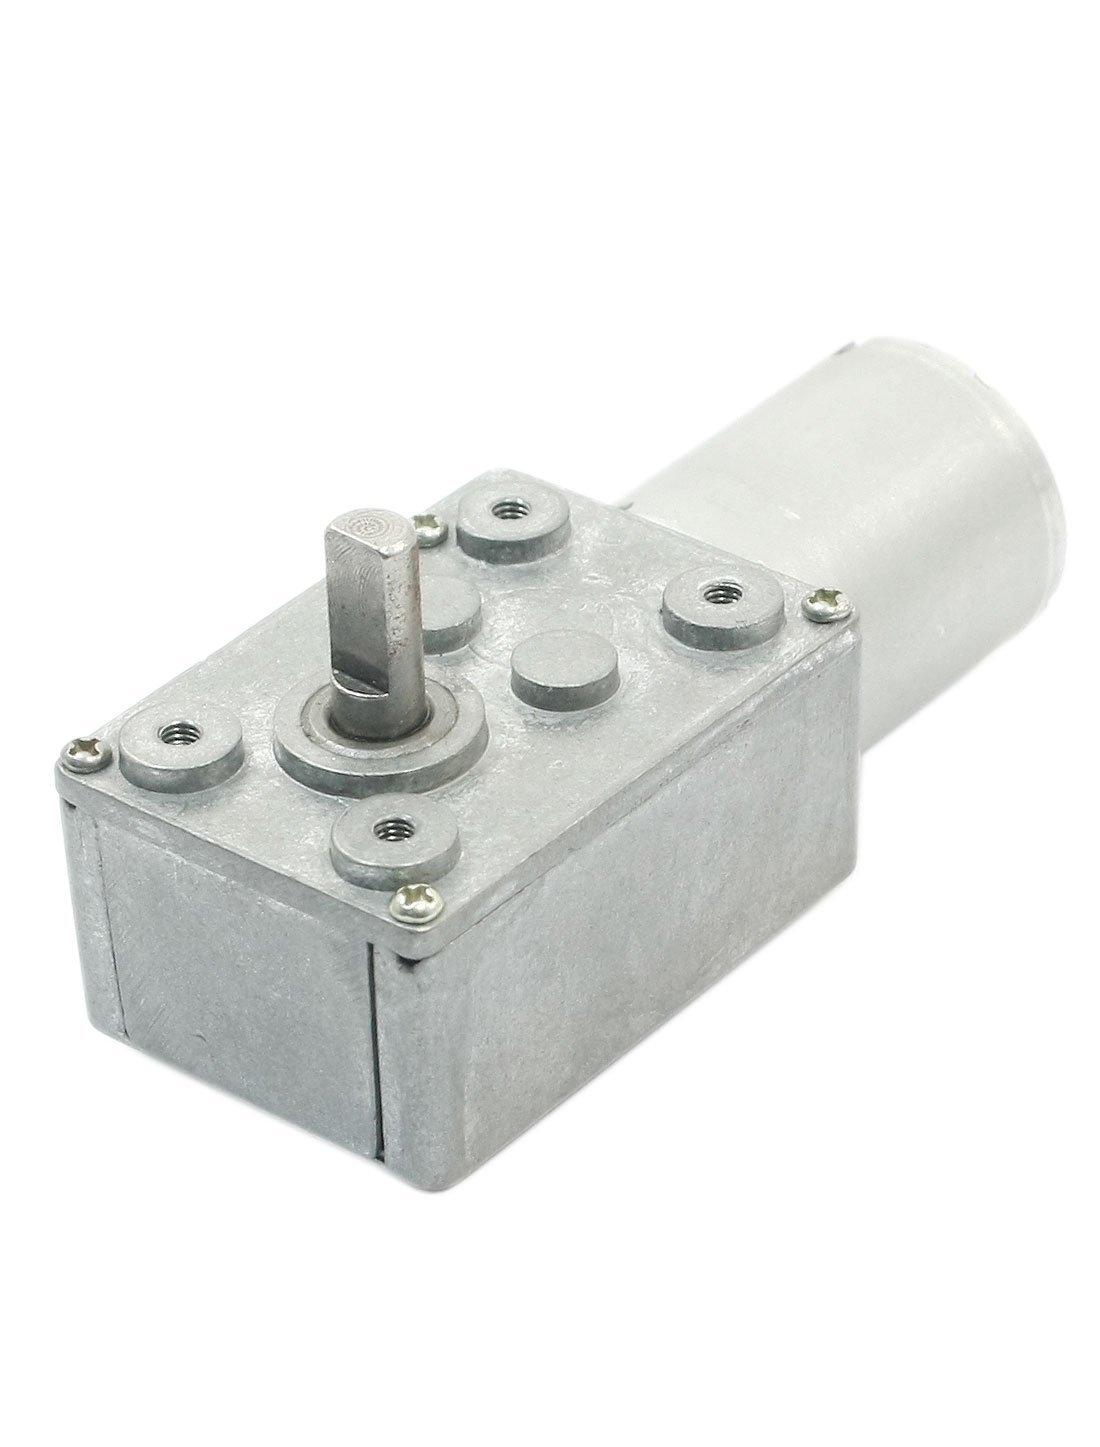 4, 5 mm D Eje Relación de reducción 8300RPM / 120 rpm DC 12V Worm Gear Motor - - Amazon.com